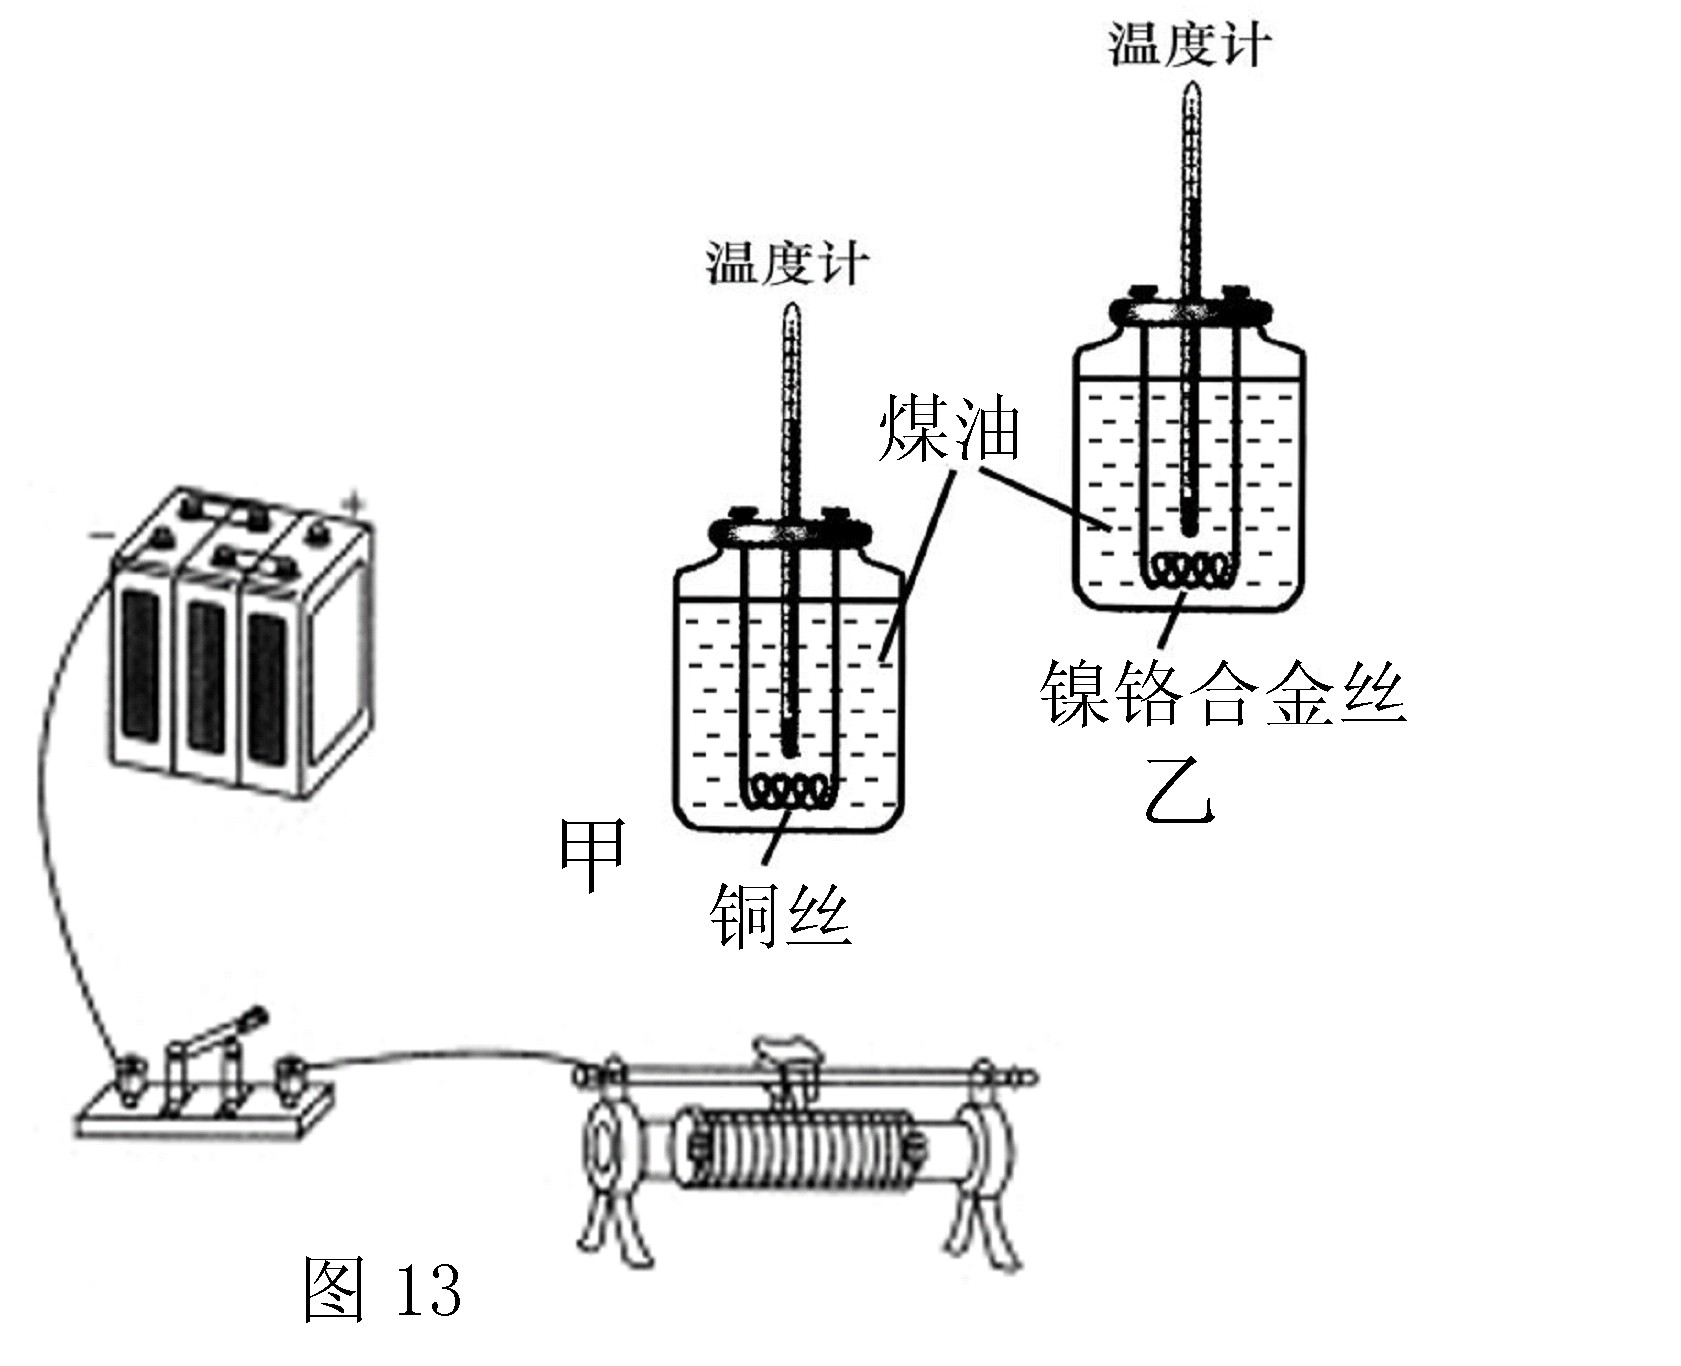 小明要用图13所示的实验器材探究电压一定时,电流热效应与电阻的关系.